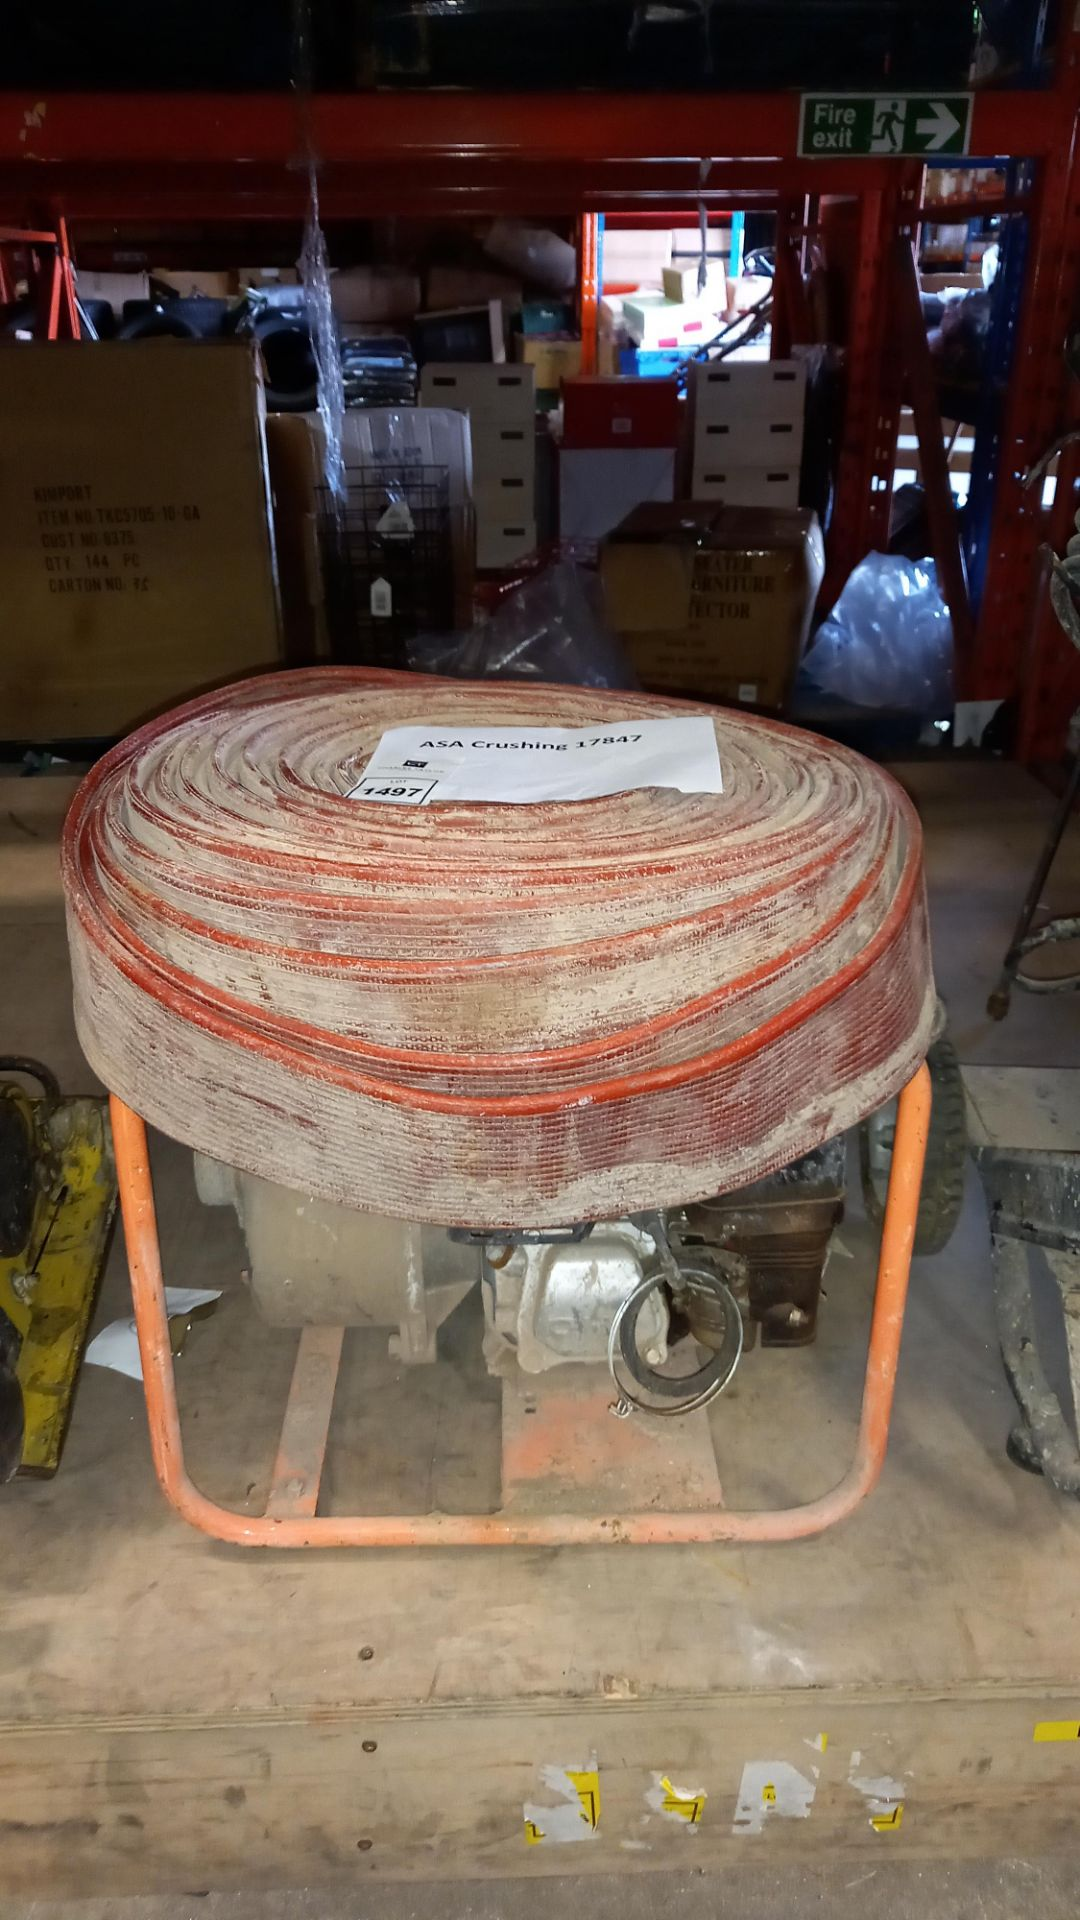 1 X HONDA GX160 PETROL WATER PUMP WITH HOSE